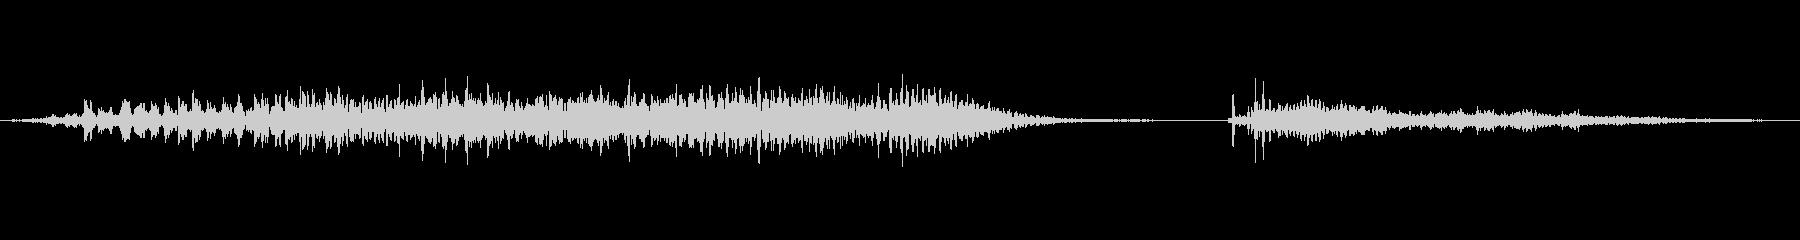 いびき イビキの効果音01の未再生の波形